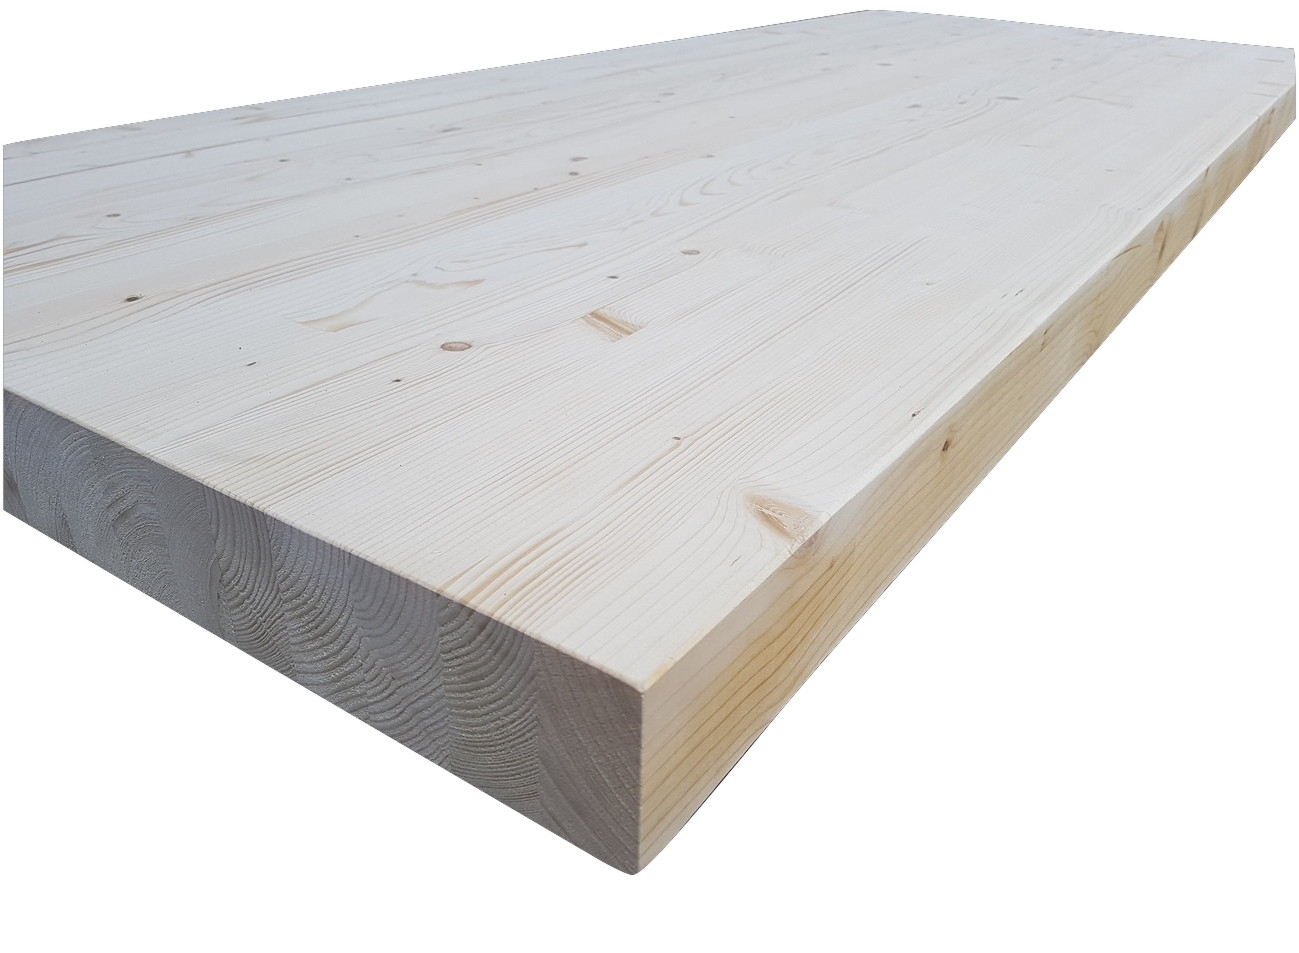 Piano tavolo in legno di abete piano tavolo in legno for Piani di coperta in legno